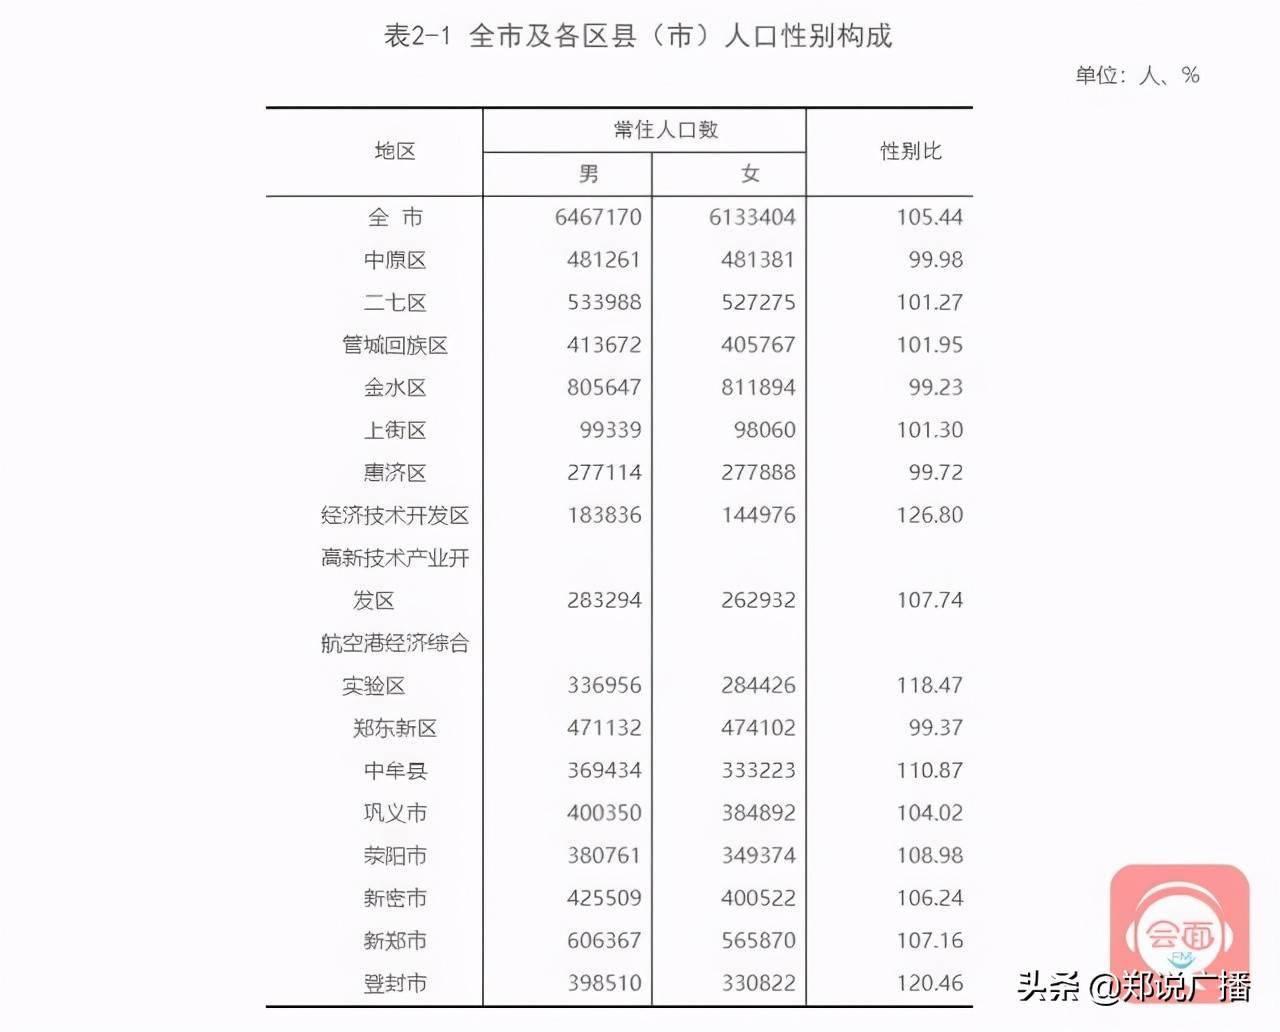 郑州市常住人口有多少_郑州市常住人口988.07万 金水区稳居 人口大户